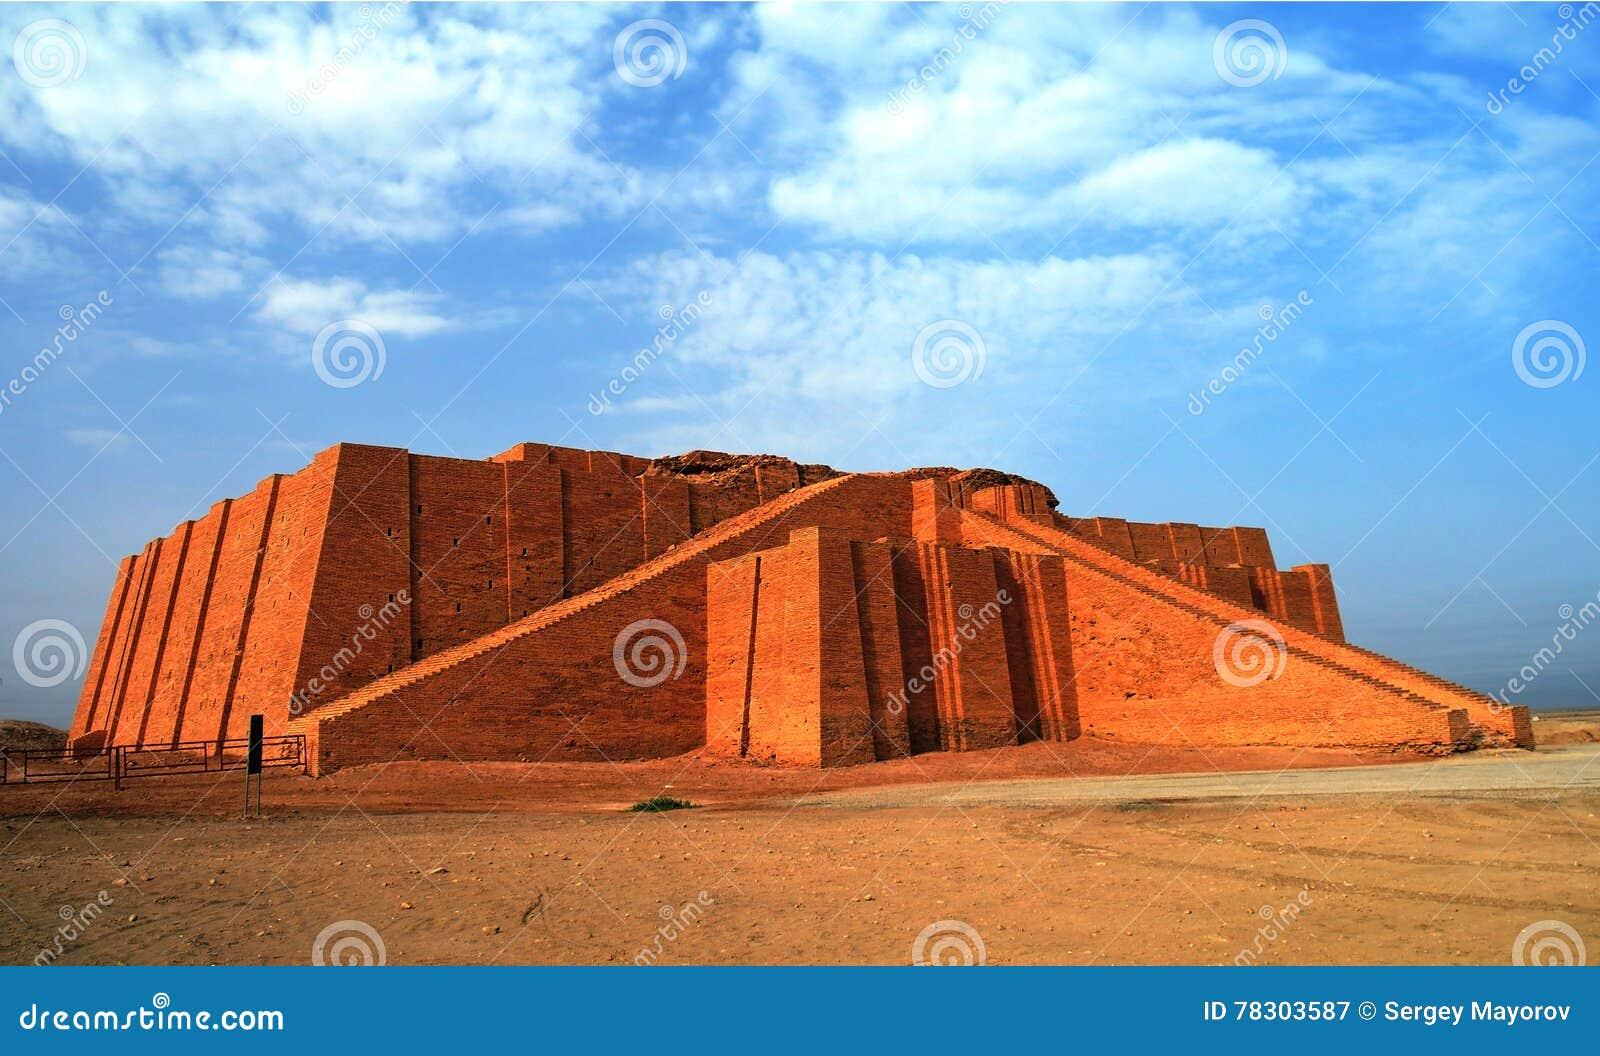 Återställd ziggurat i forntida Ur, sumerian tempel, Irak